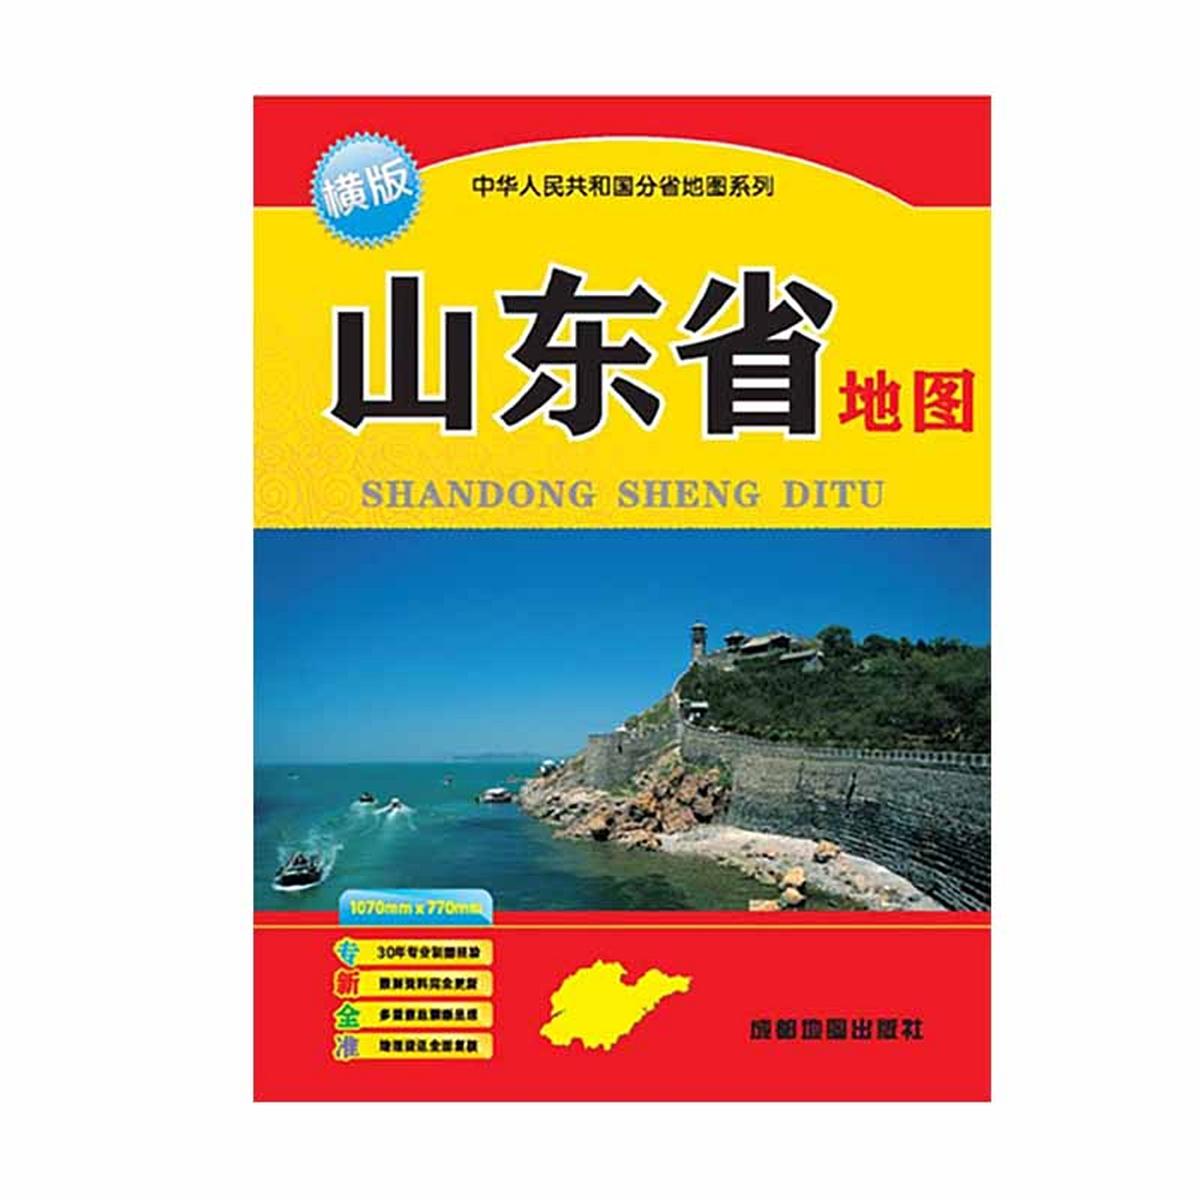 成都地图出版社 山东省地图 29*20.6*1cm (单位:张)